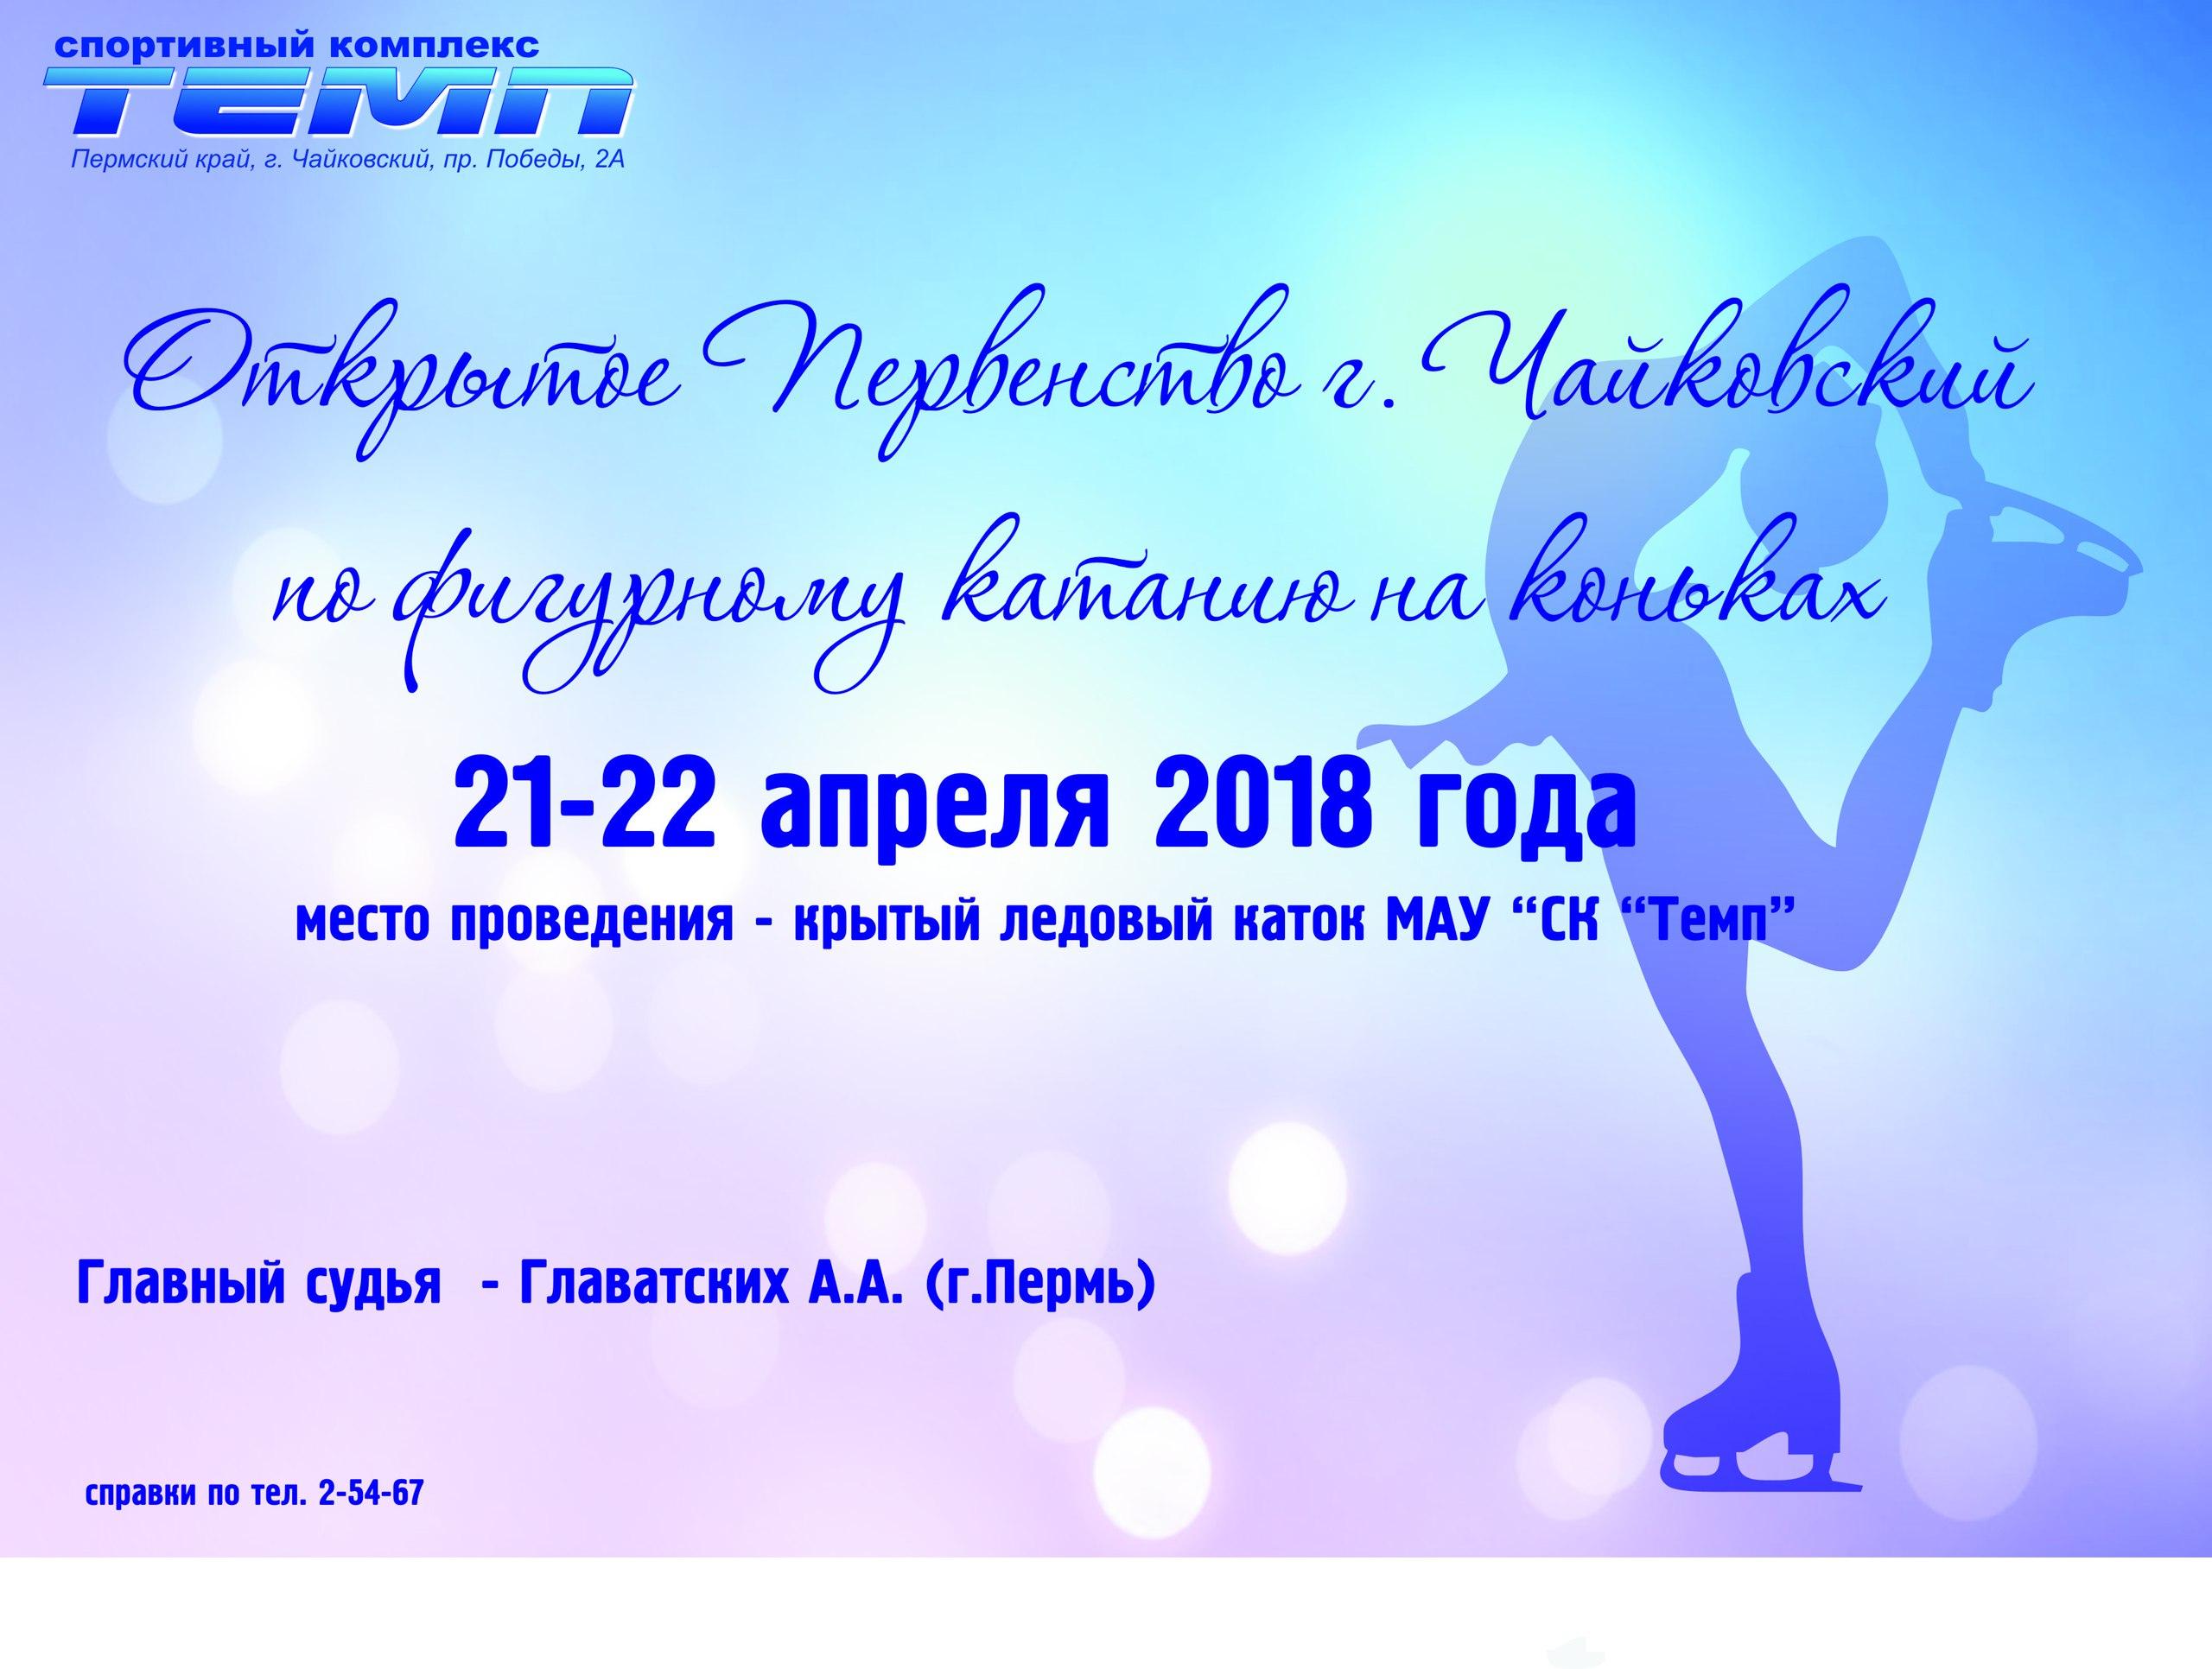 афиша, соревнования по фигурному катанию, чайковский, темп, 2018 год